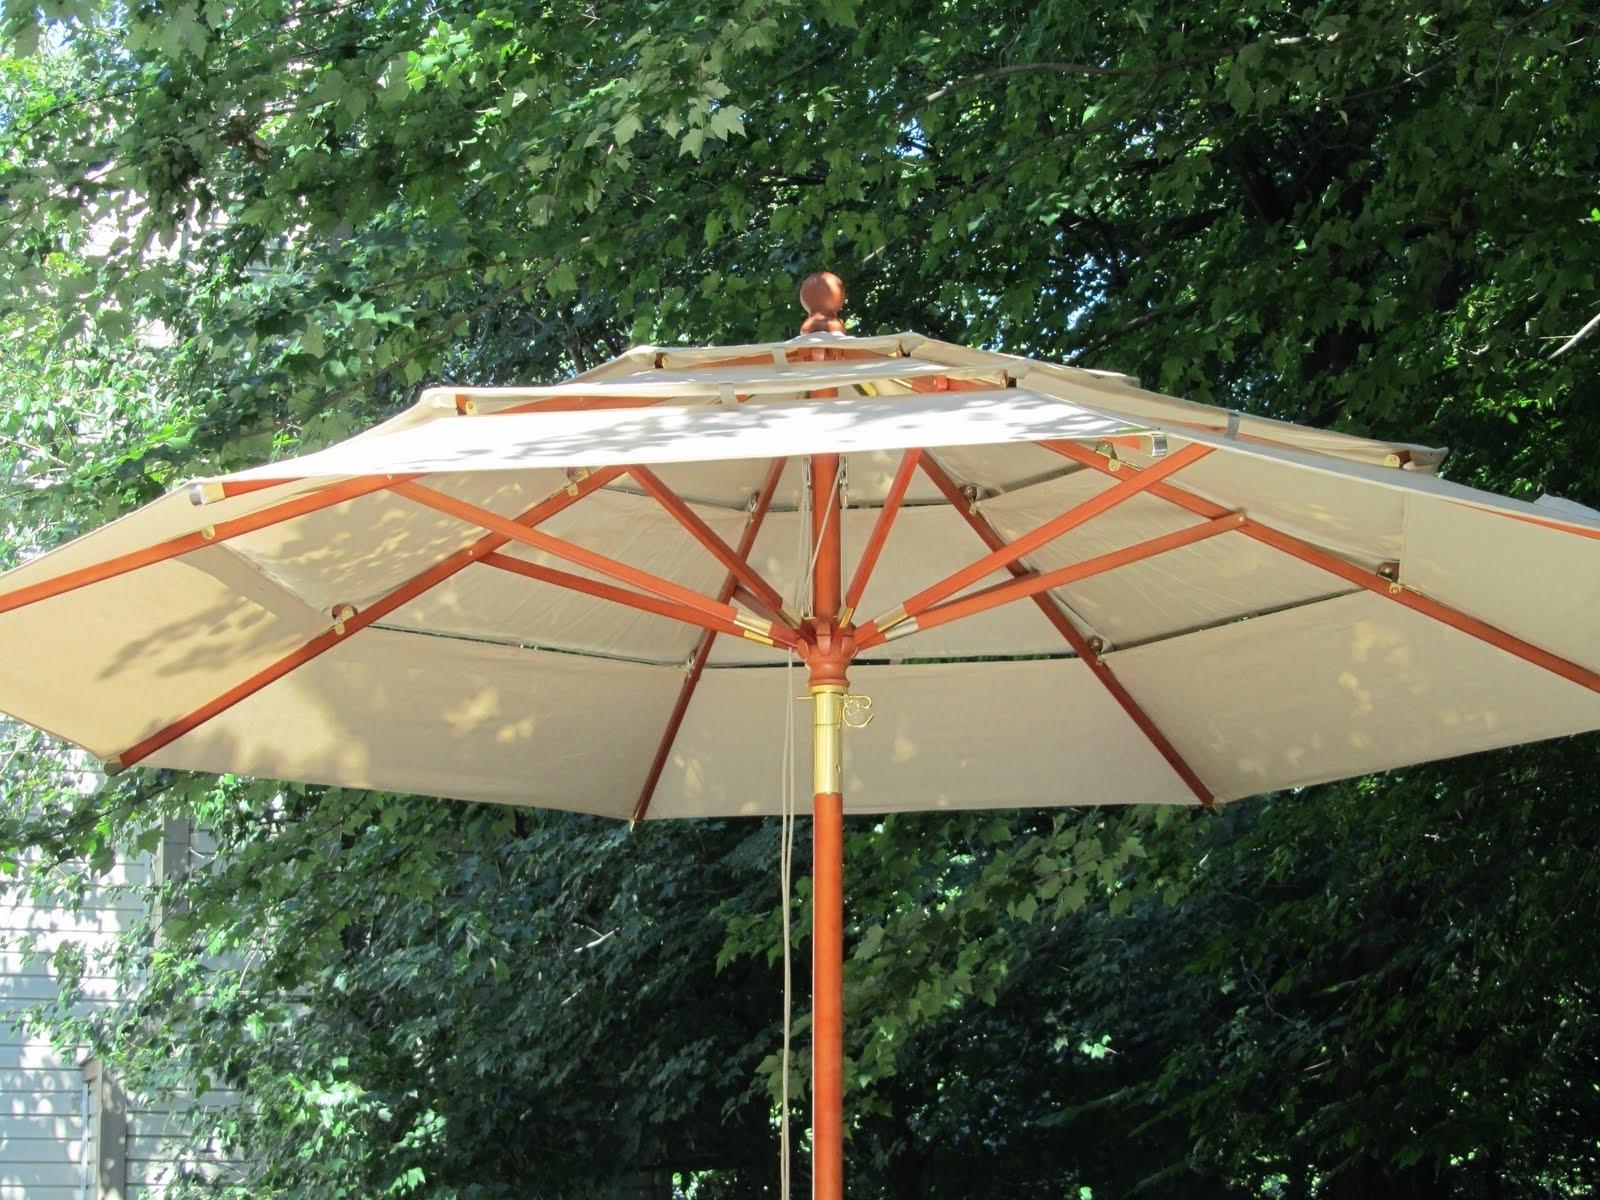 11 Ft Patio Umbrella Costco.11 Ft Patio Umbrella Costco Patios Regarding Recent 11 Foot Patio Umbrellas (Gallery 8 of 20)